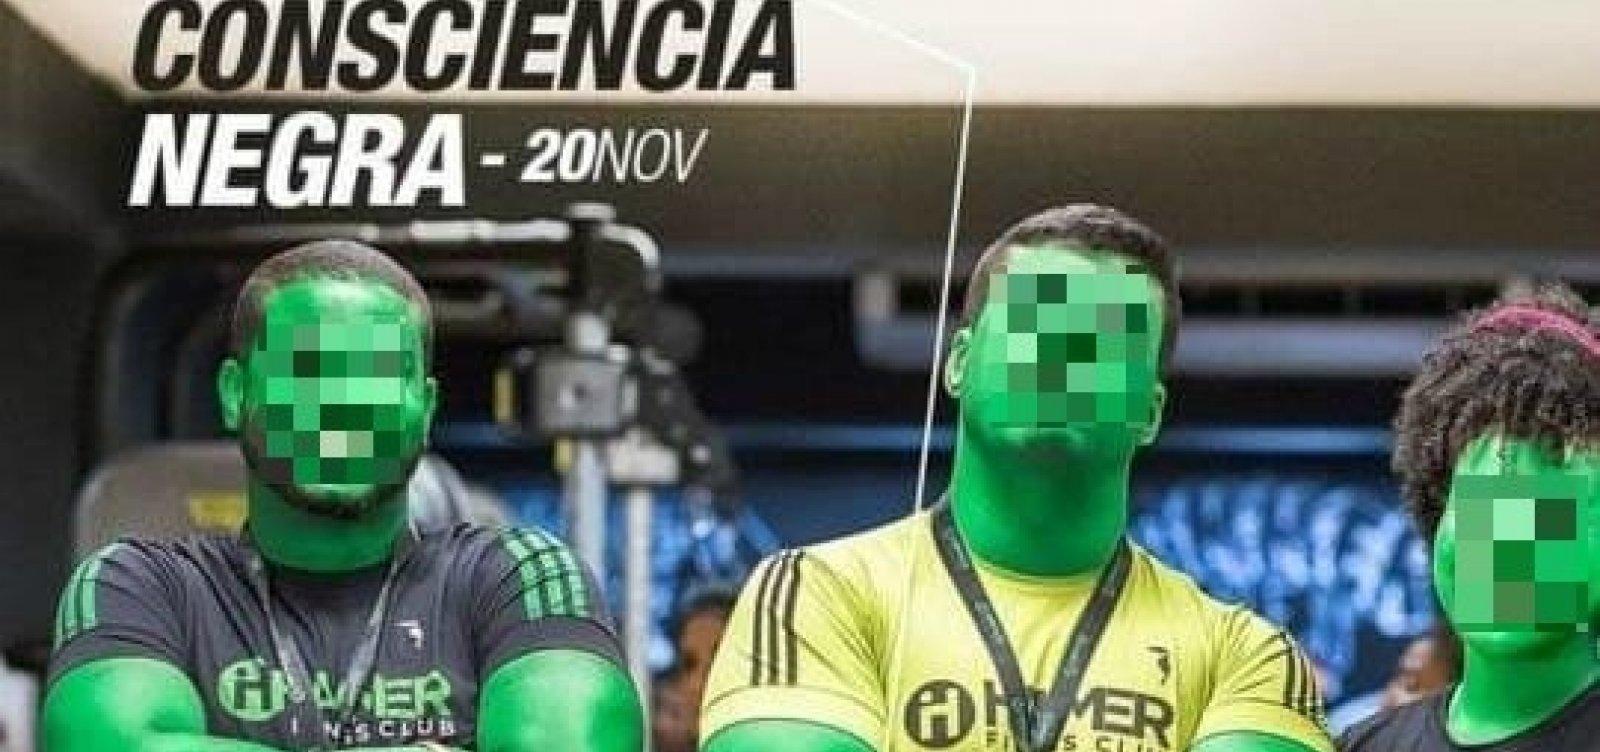 Academia de Salvador 'pinta' funcionários de verde em dia da Consciência Negra: 'Alma não tem cor'